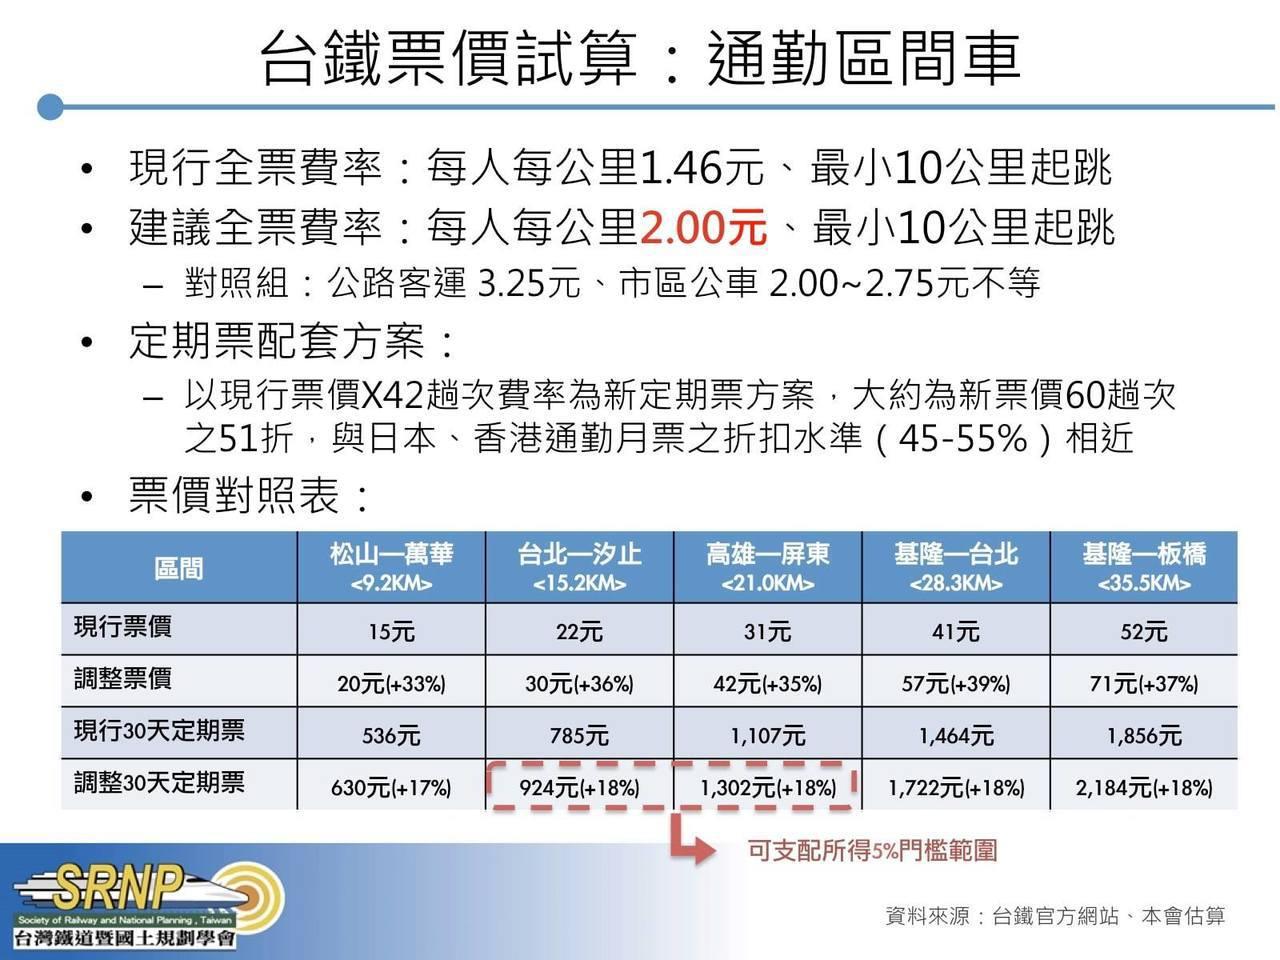 台灣鐵道暨國土規劃學會試算台鐵區間車票價。圖/台灣鐵道暨國土規劃學會提供